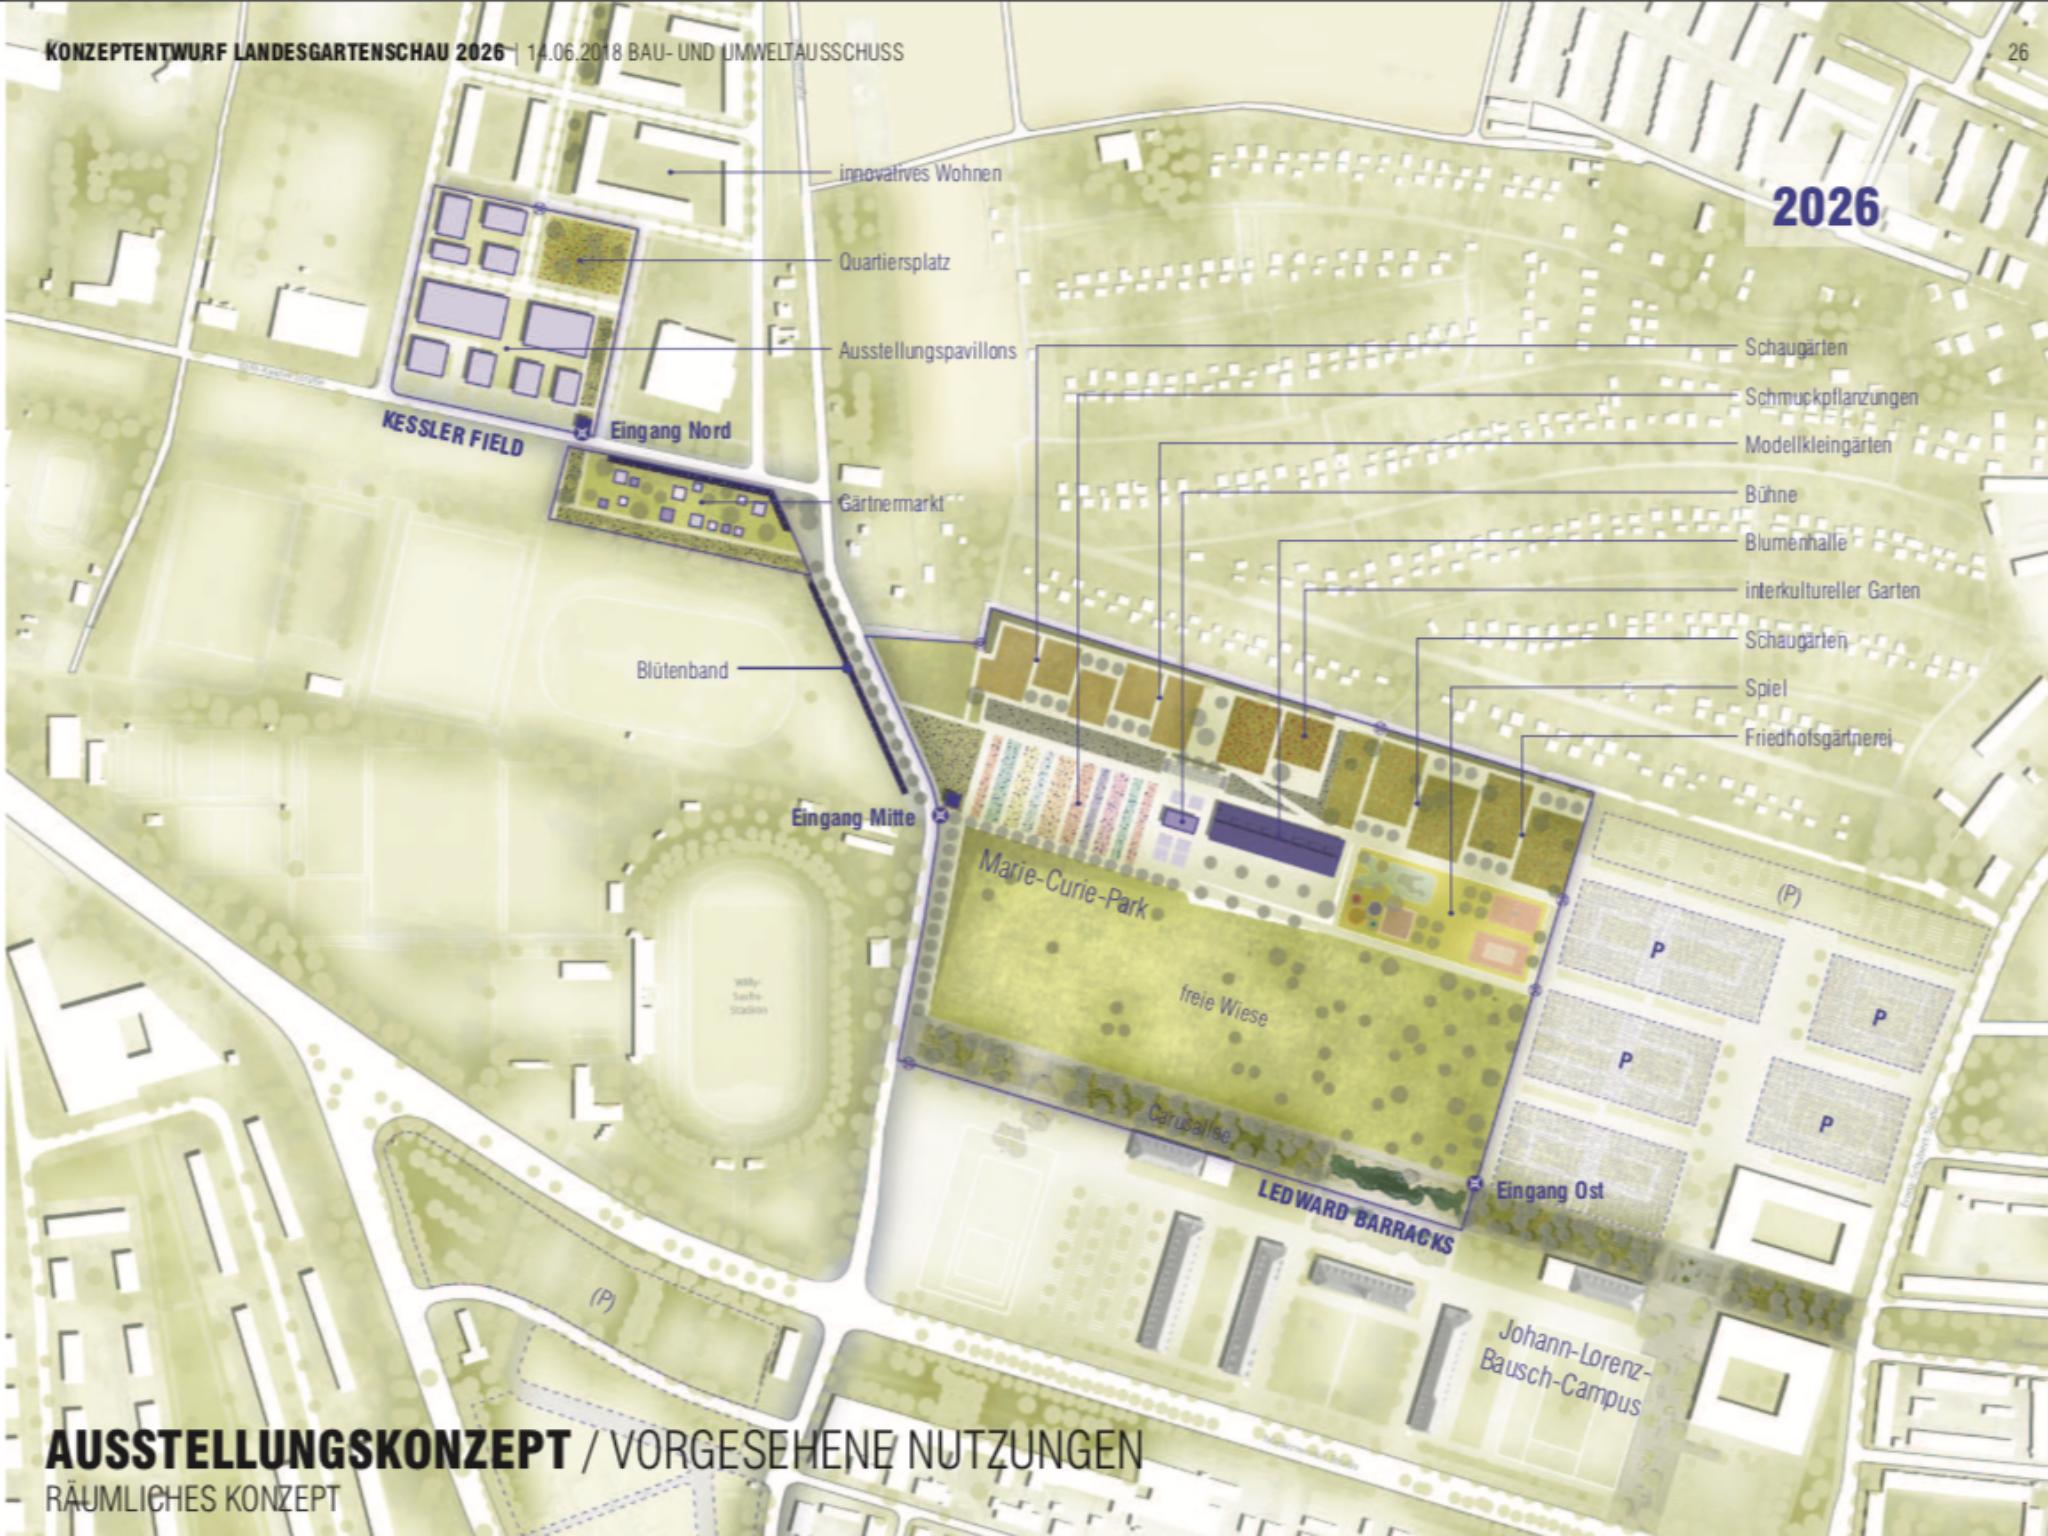 Lageplan der LGS 2026. Grafik: Stadt Schweinfurt